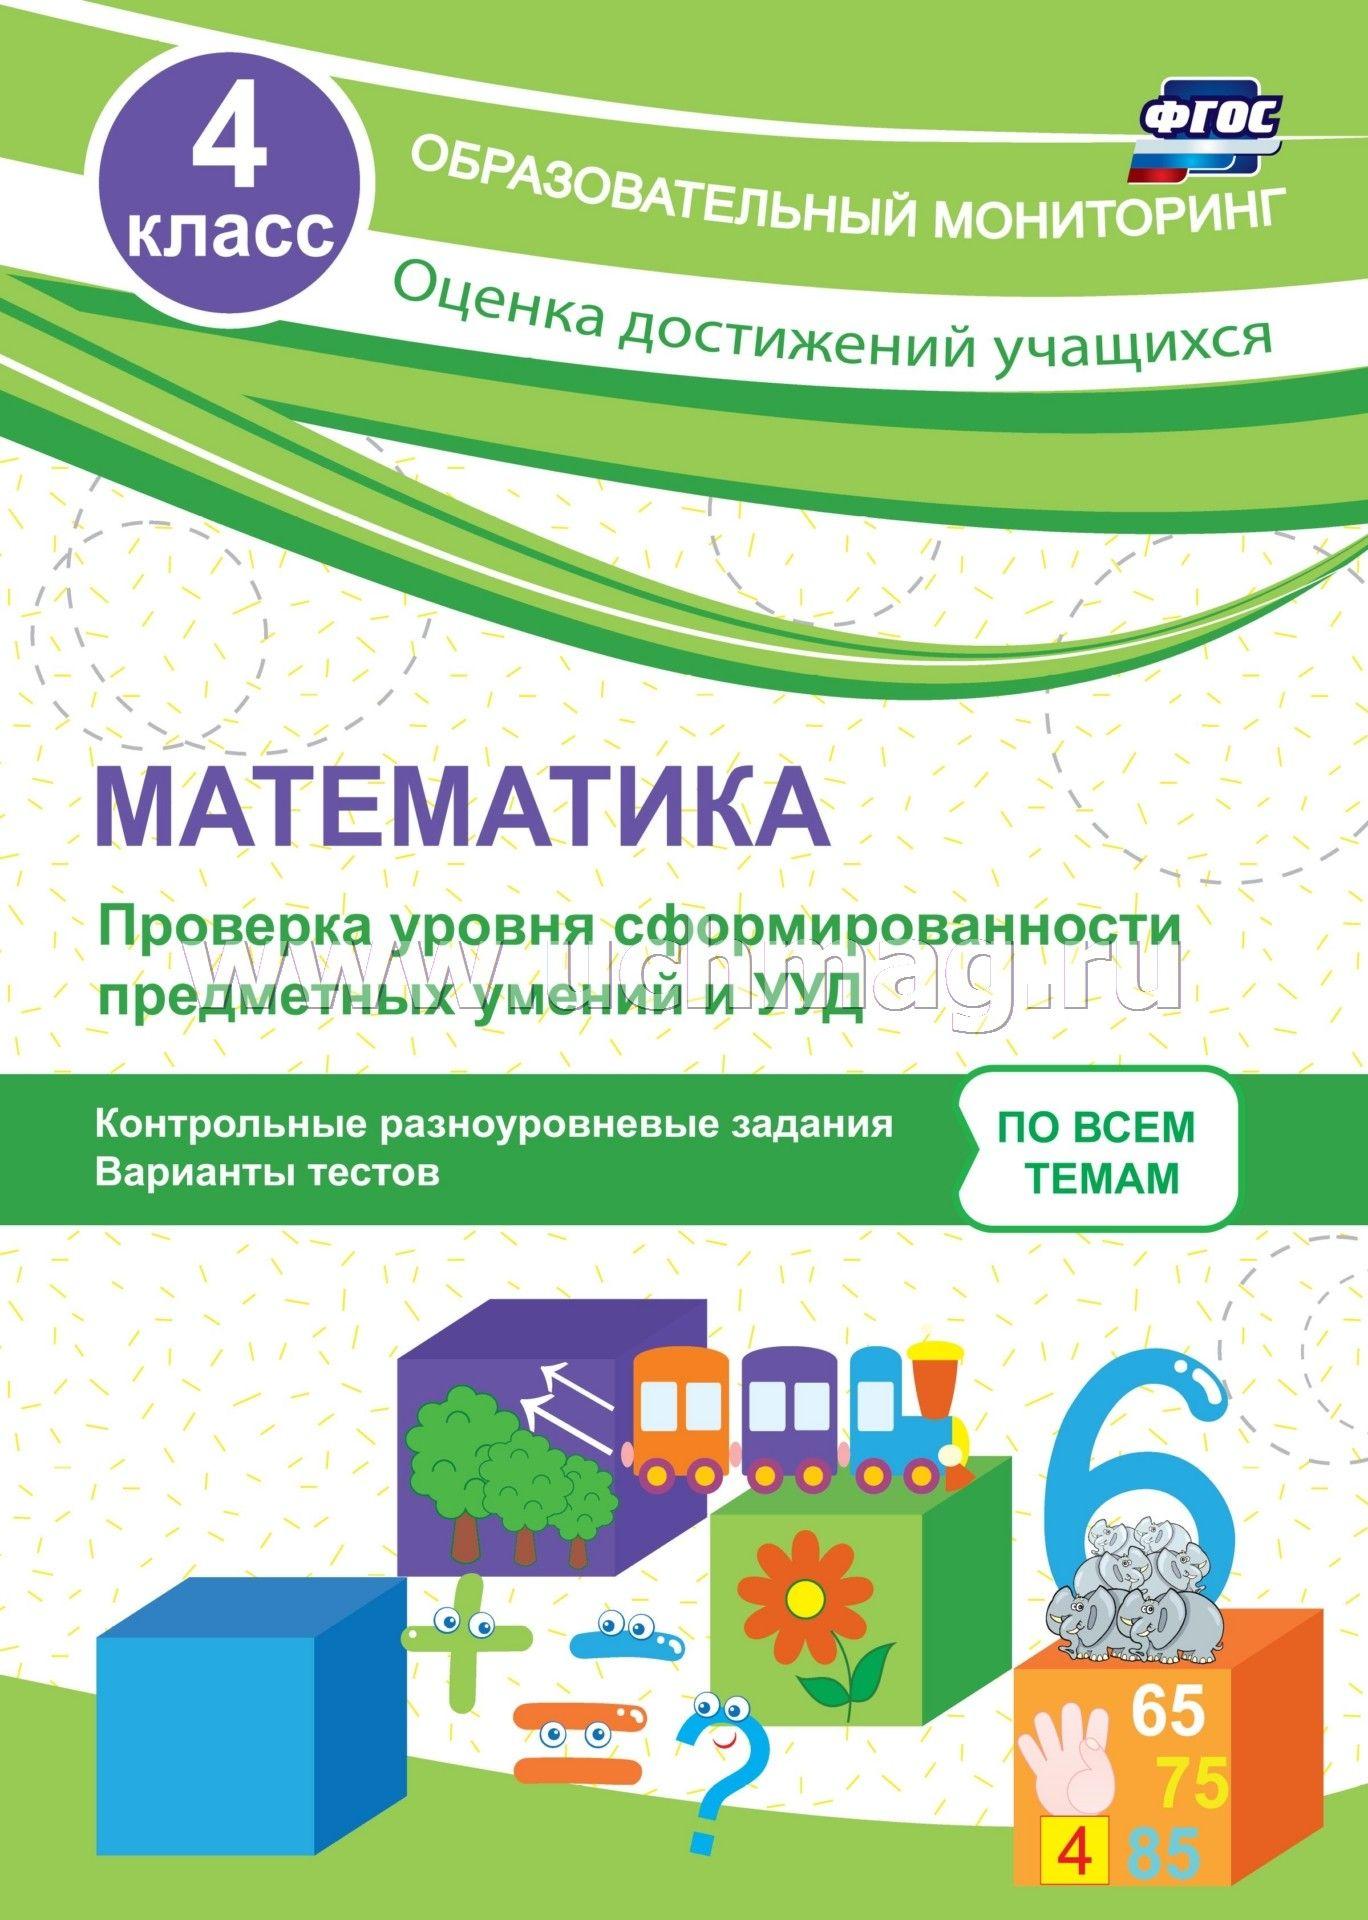 Разноуровневые тесты по русскому языку и математике для учащихся 4 классов